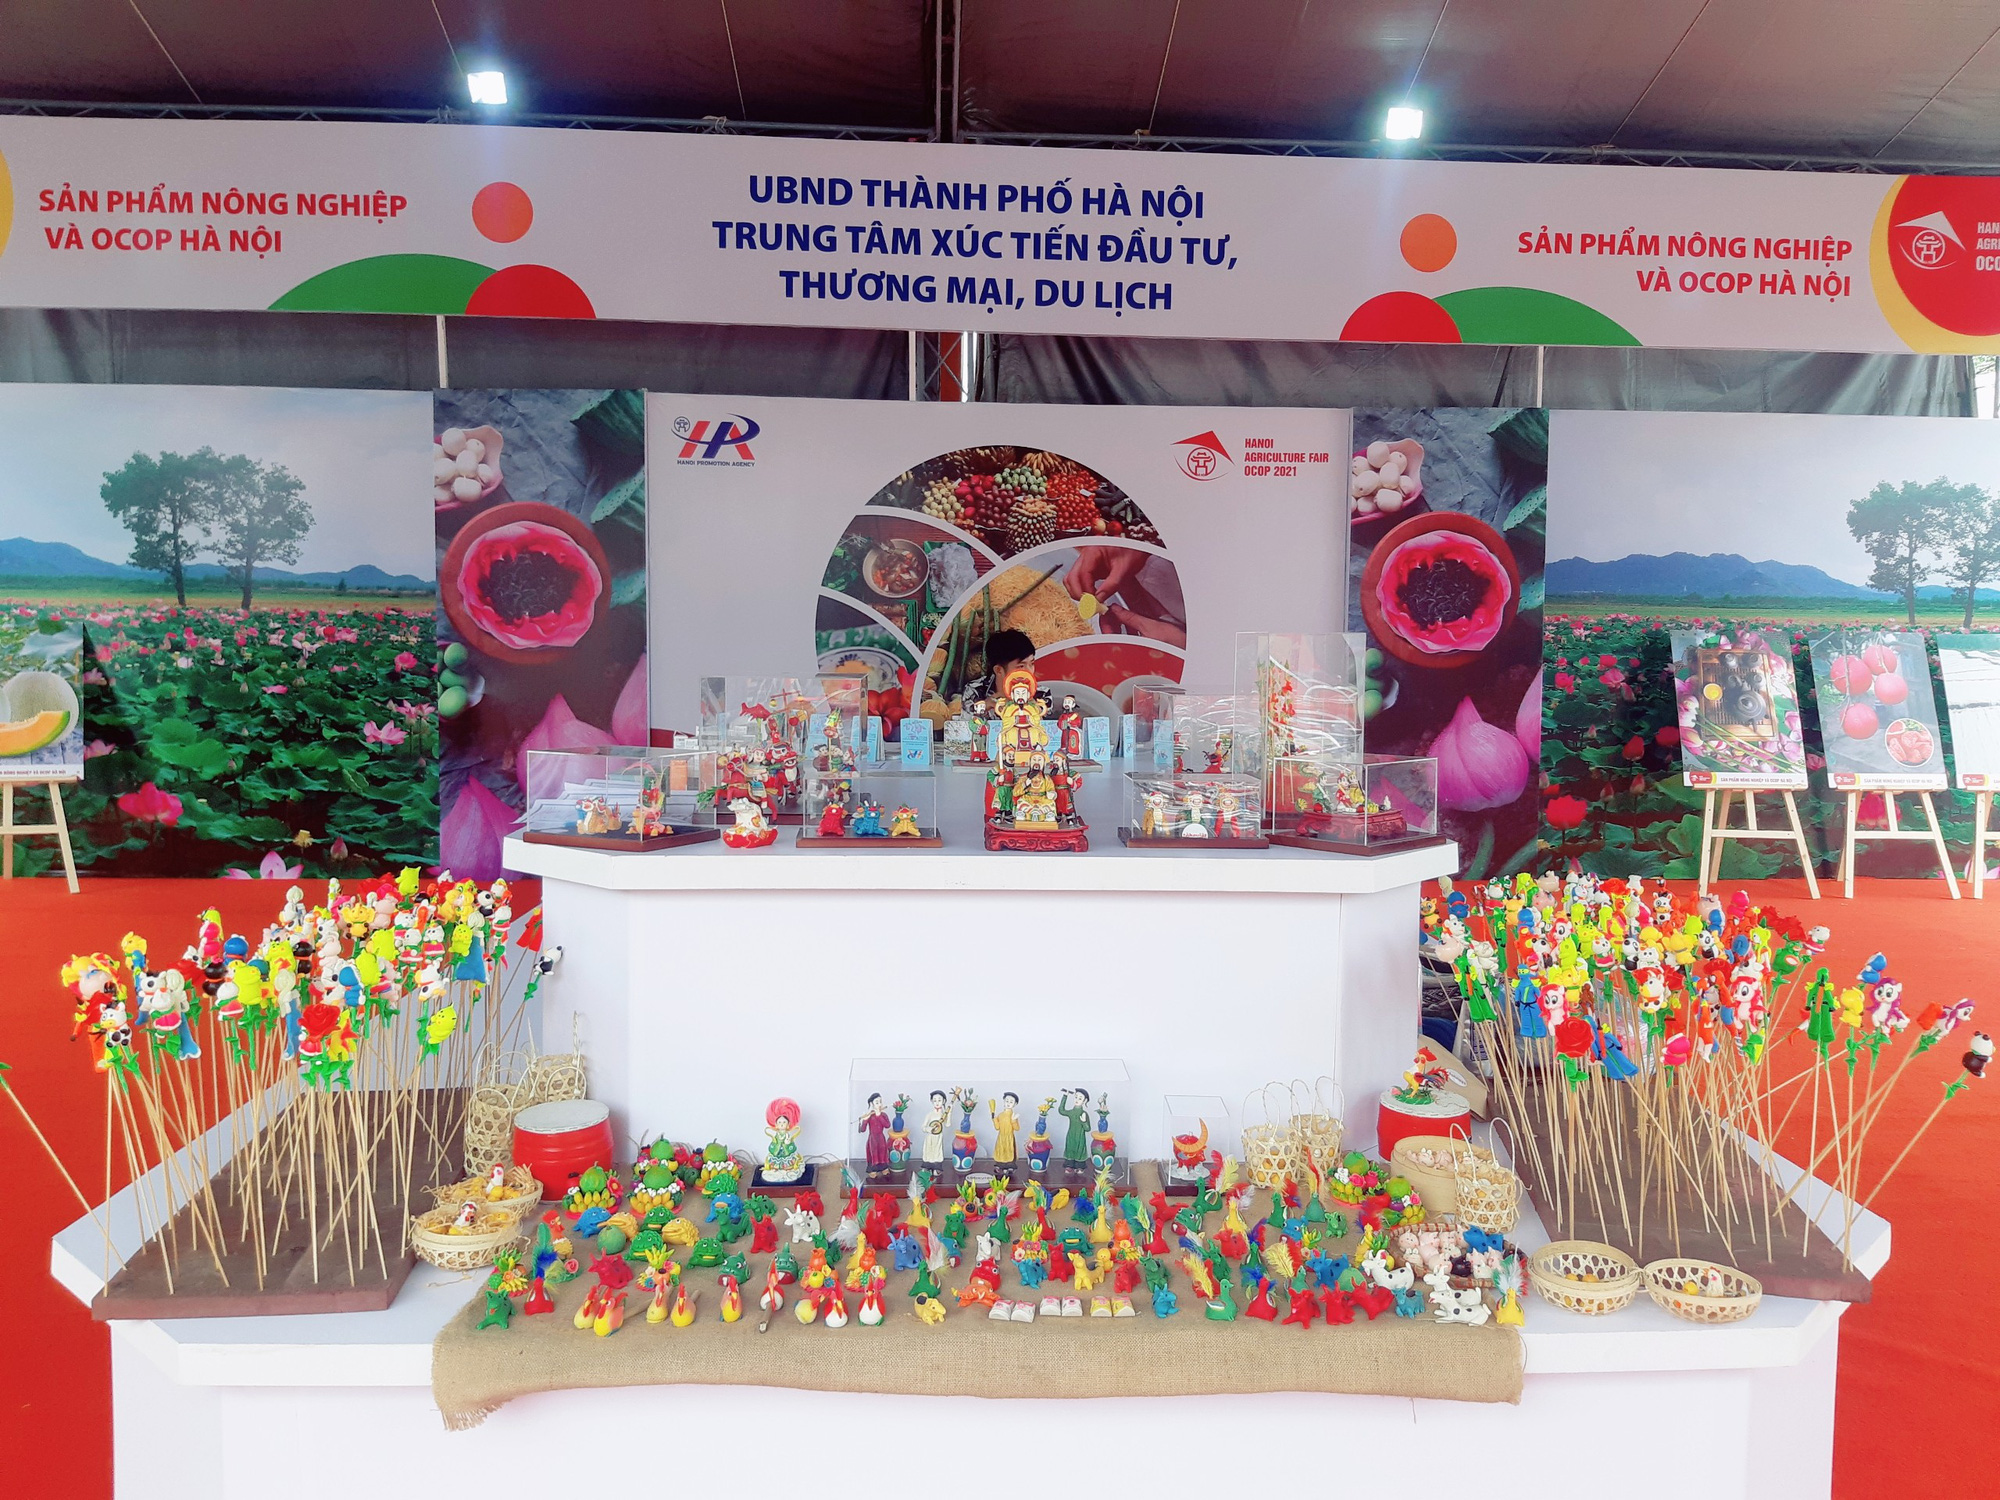 Sản phẩm OCOP 24 tỉnh, thành hội tụ tại Châu Đốc An Giang - Ảnh 18.